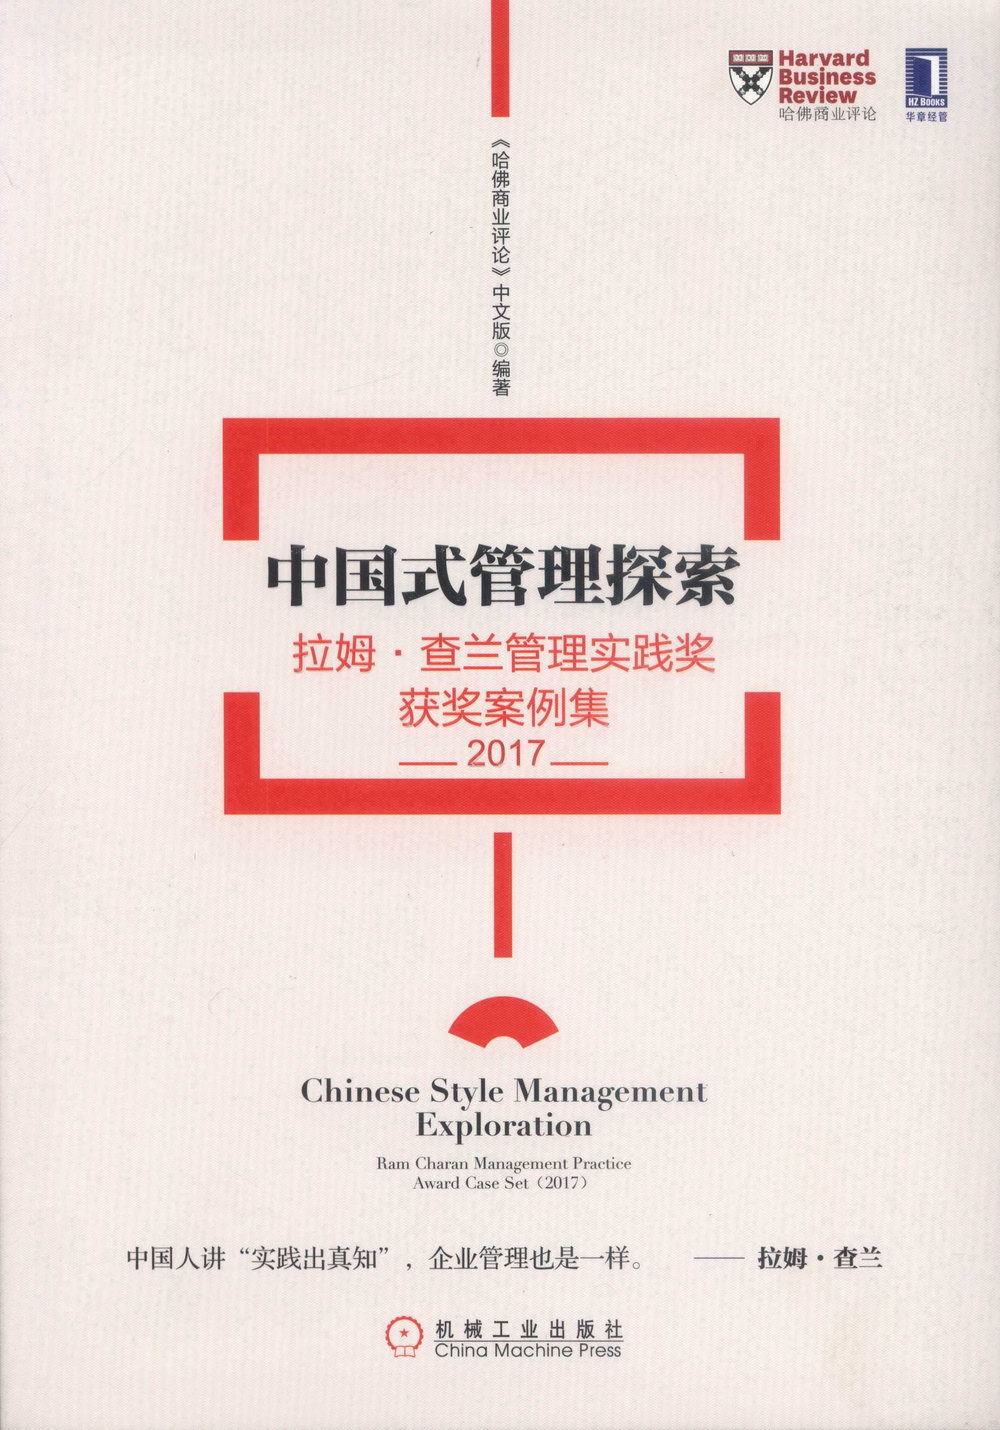 中國式管理探索:拉姆·查蘭管理實踐獎獲獎案例集(2017)